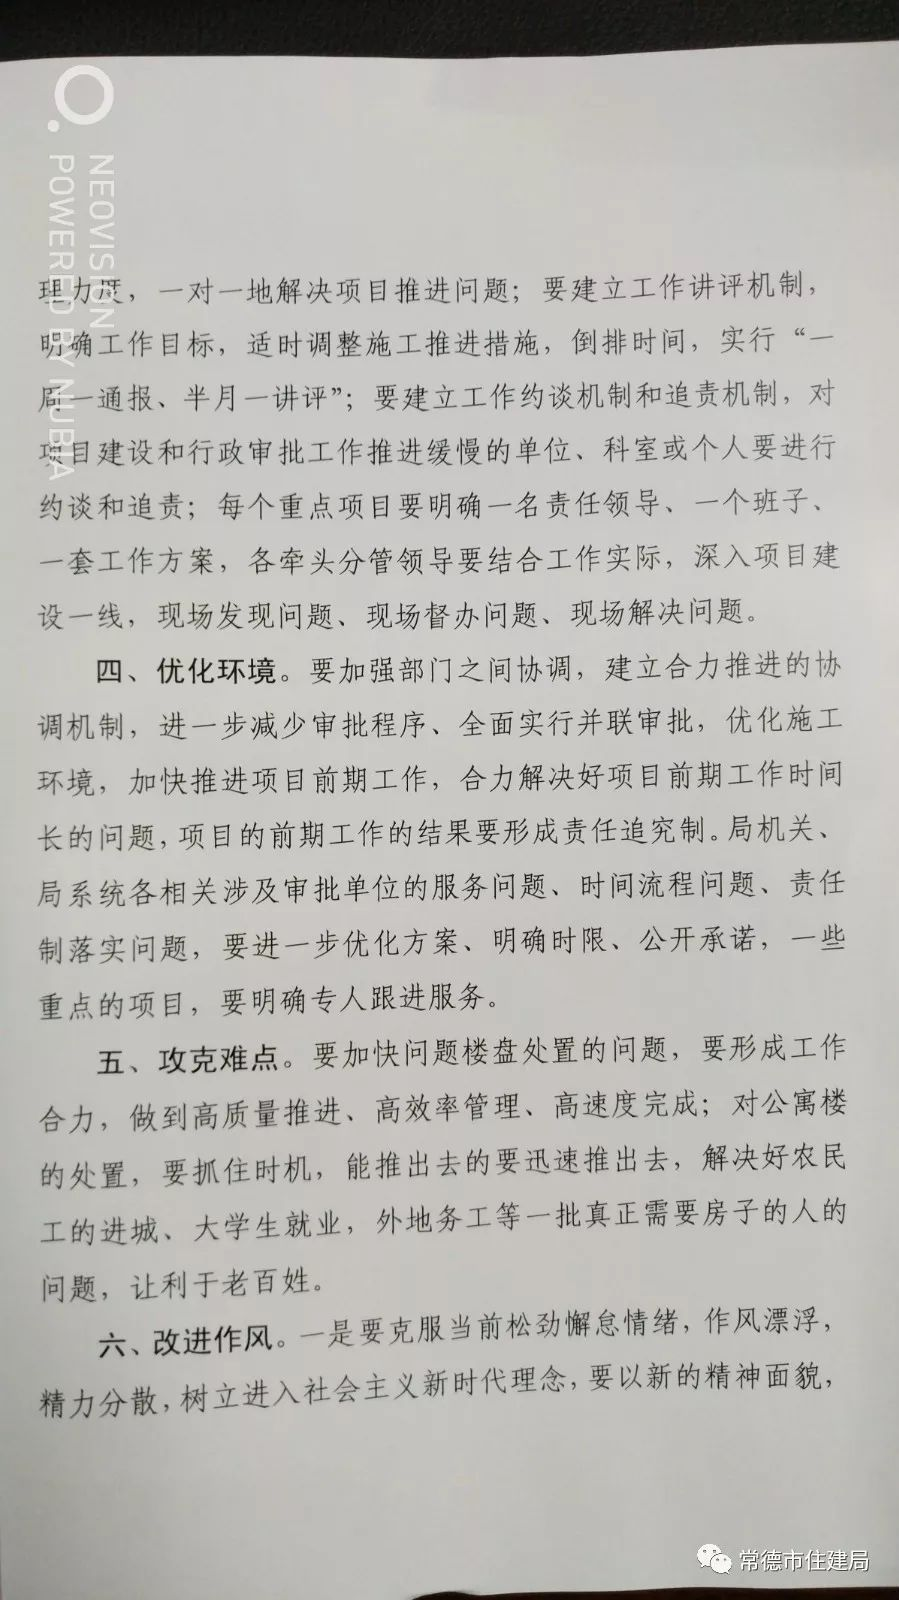 陈凤翔升官,张少均跟了雷太,是卧底还是变节?